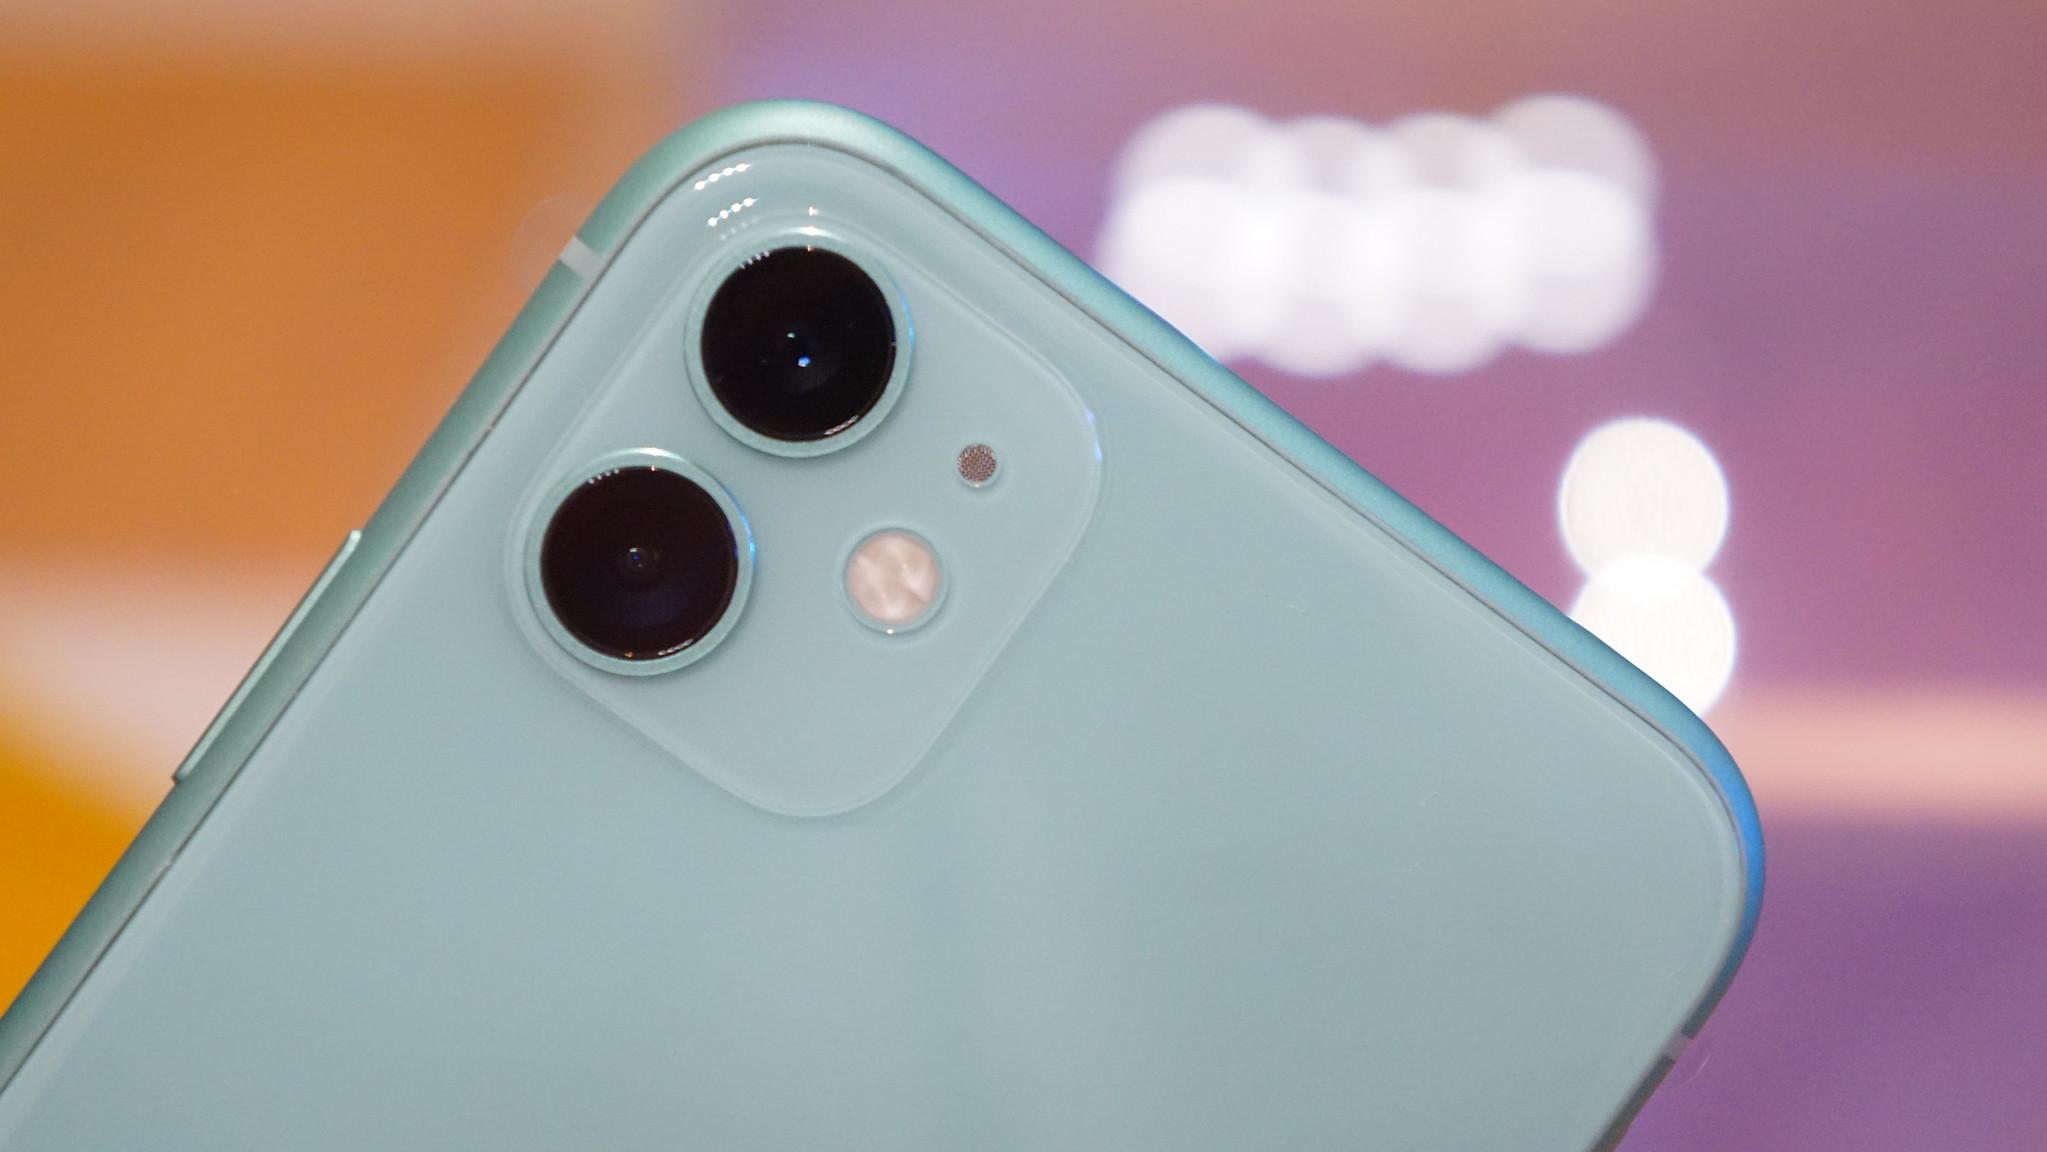 iPhone 11・11 Pro・11 Maxの違いを比較 - カメラ